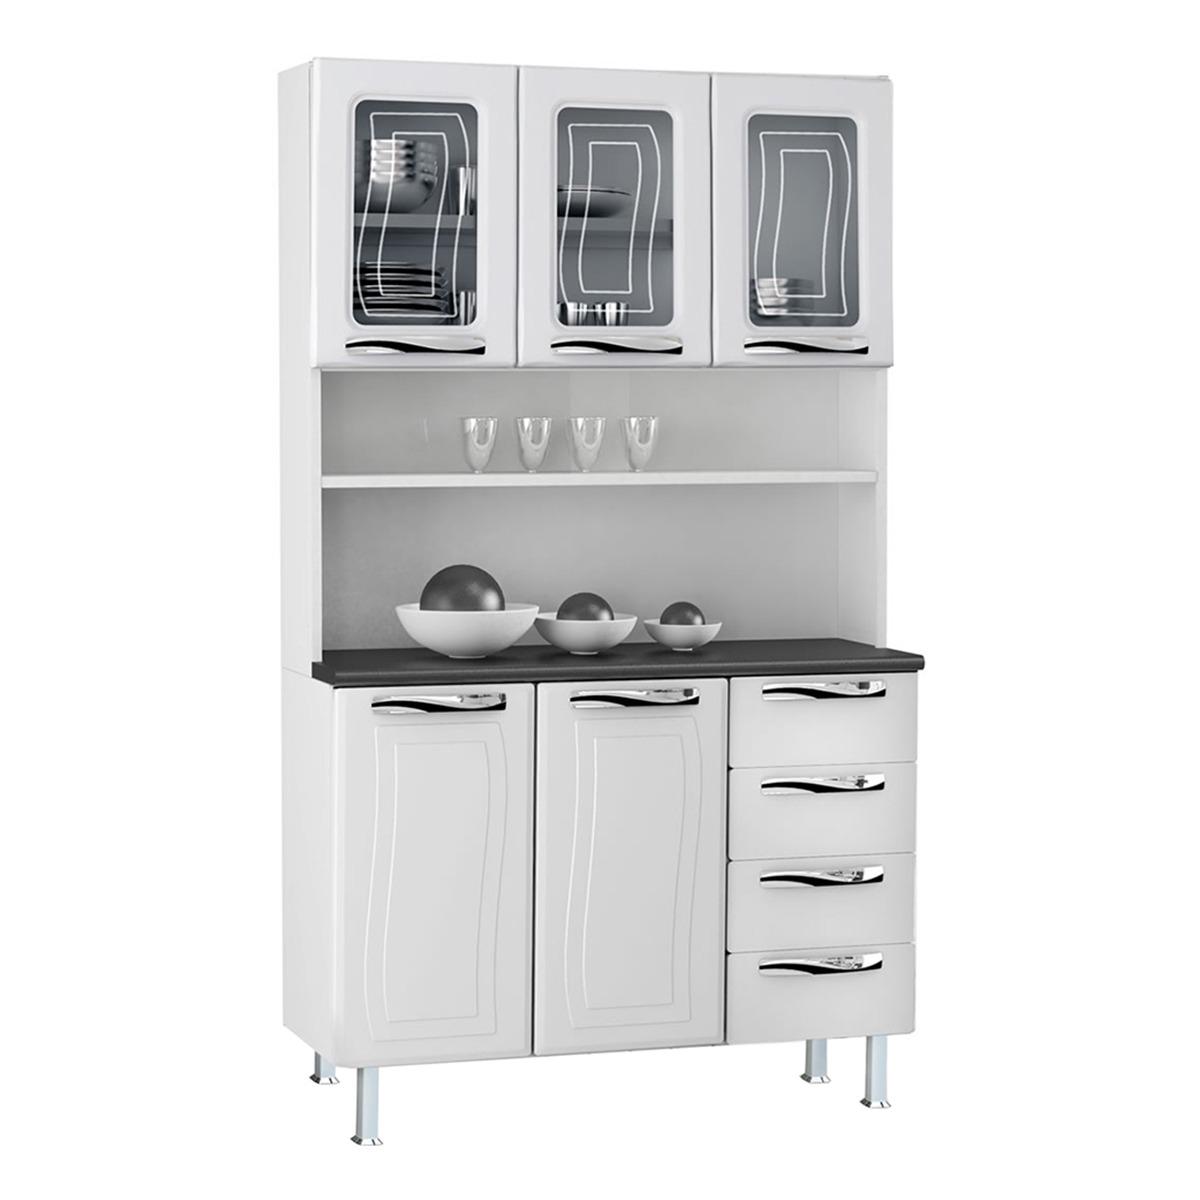 Kit de Cozinha Colormaq Ipanema 5 Portas e 4 Gavetas em Aço e Vidro Branco